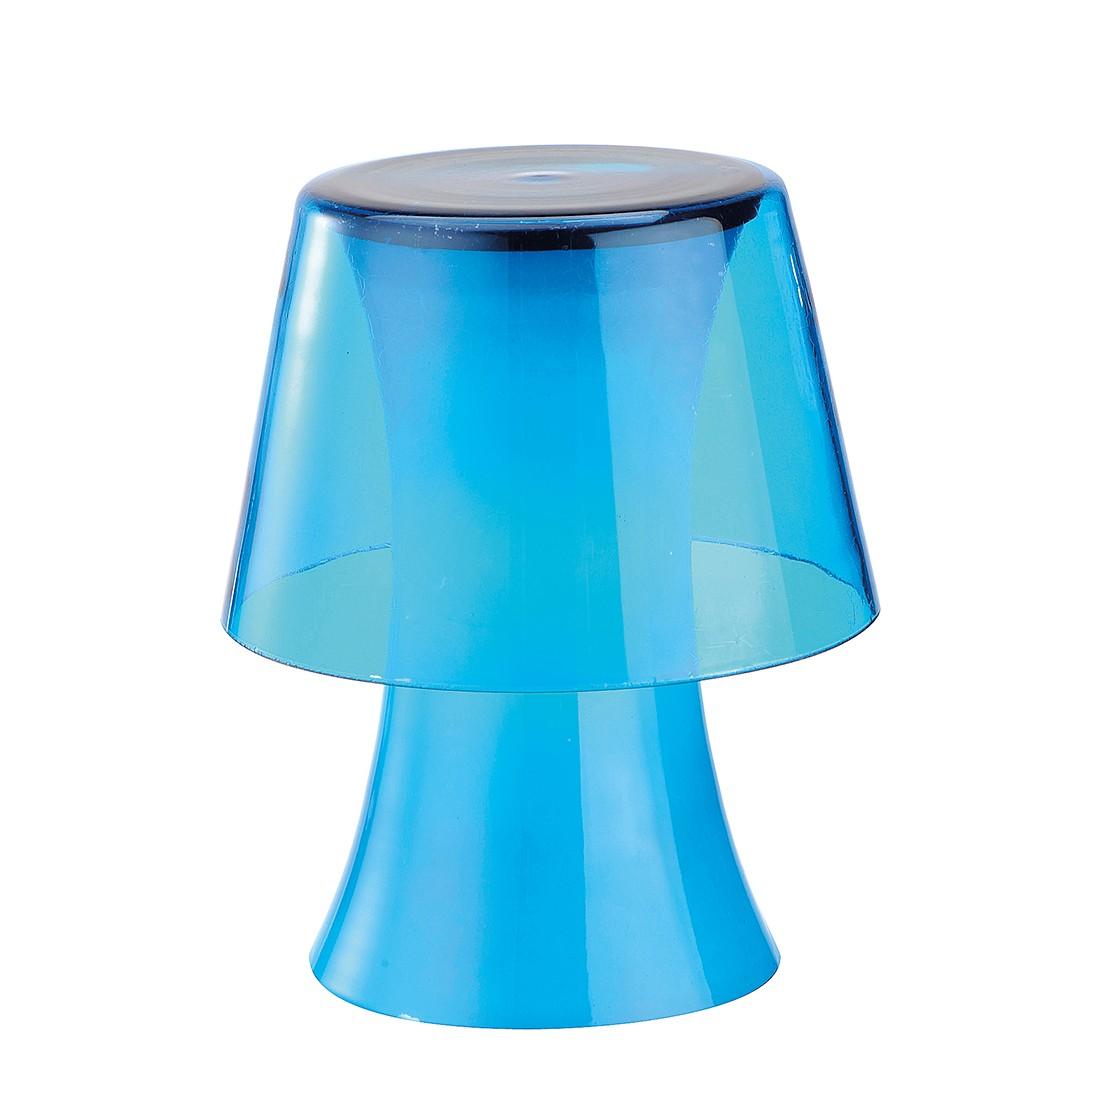 beleuchtung online g nstig kaufen ber shop24. Black Bedroom Furniture Sets. Home Design Ideas